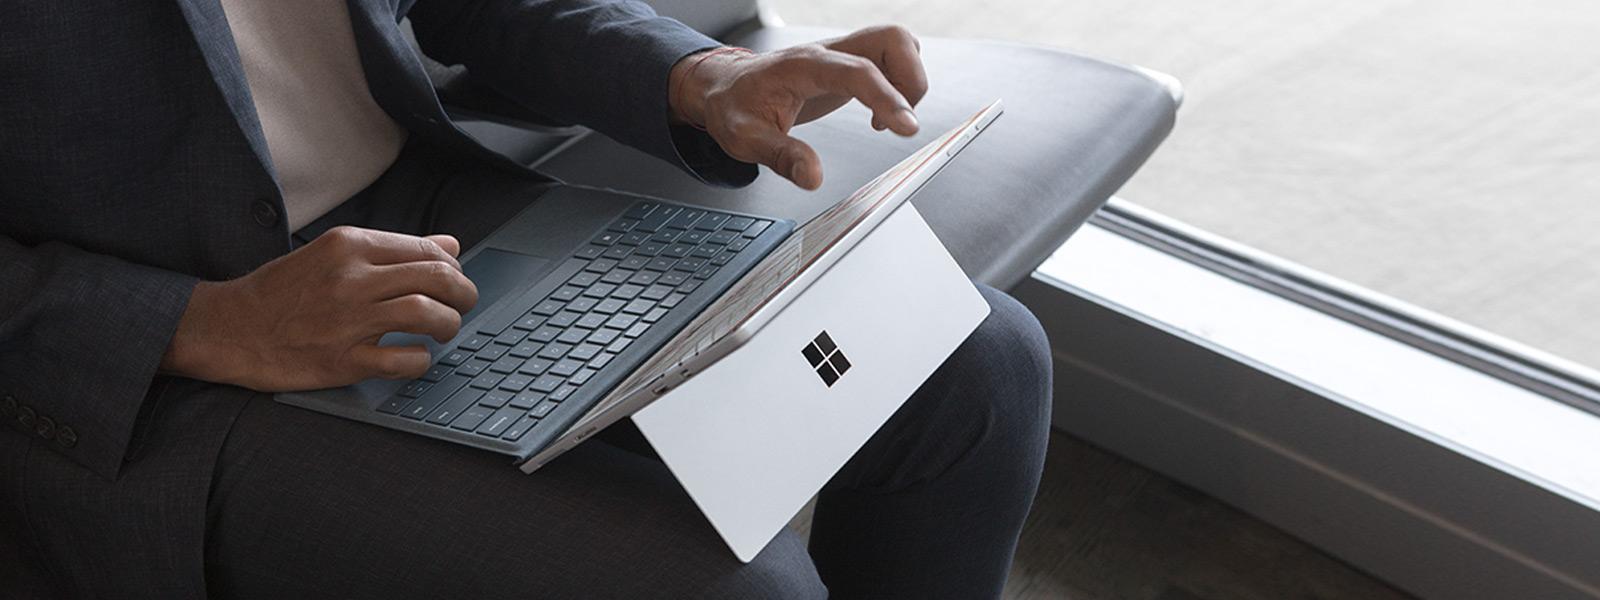 Un uomo lavora con un dispositivo Surface Pro 6 in modalità Laptop